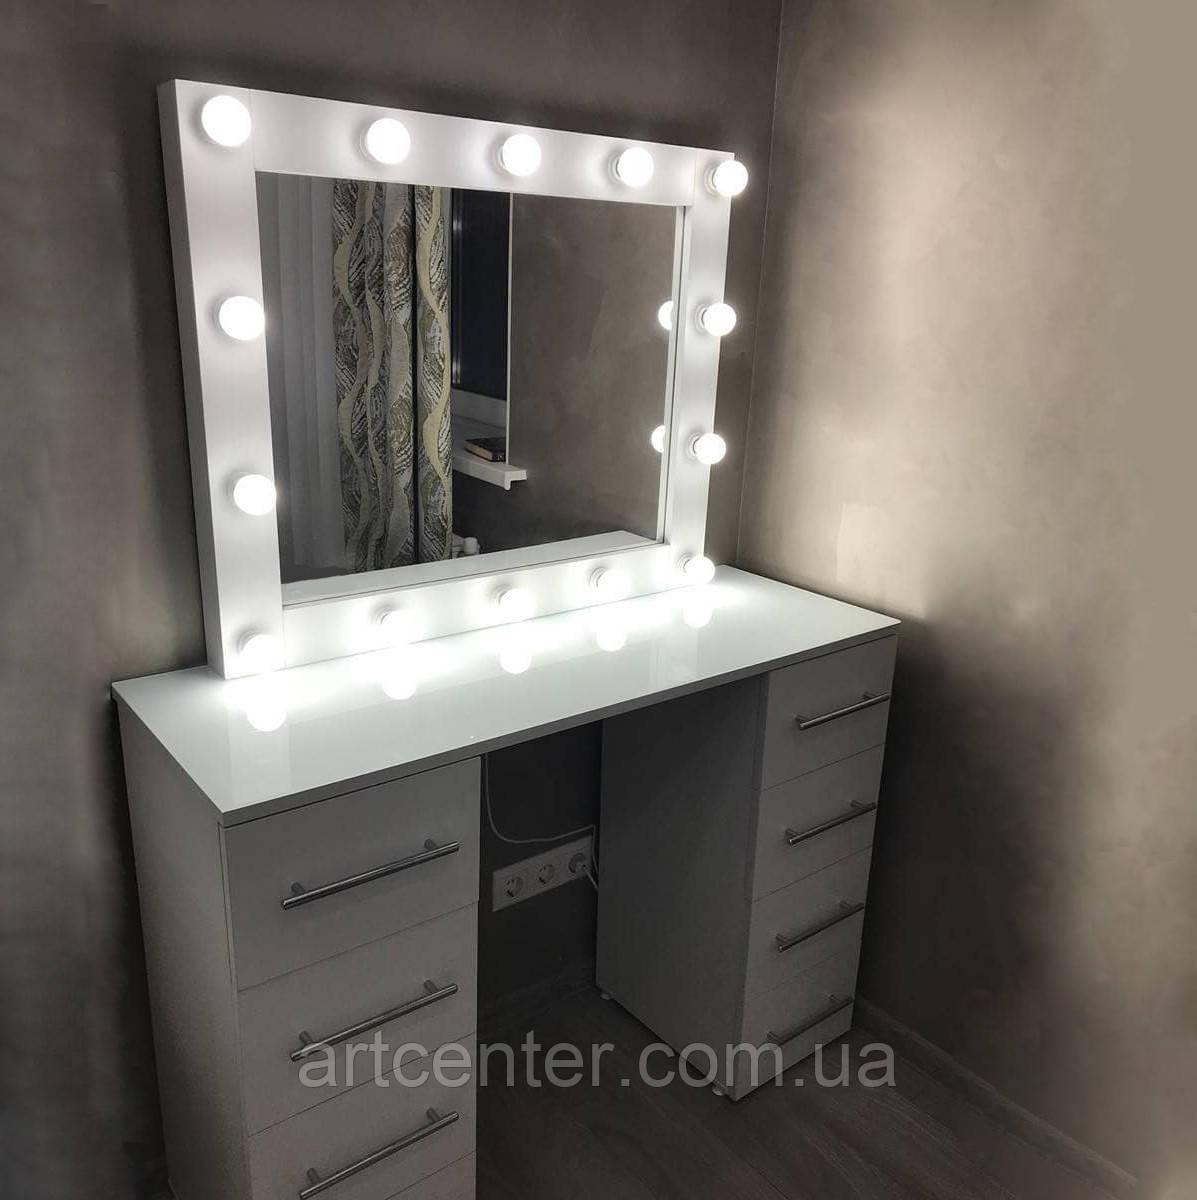 Стол для макияжа с двумя тумбами, стол с зеркалом в спальню